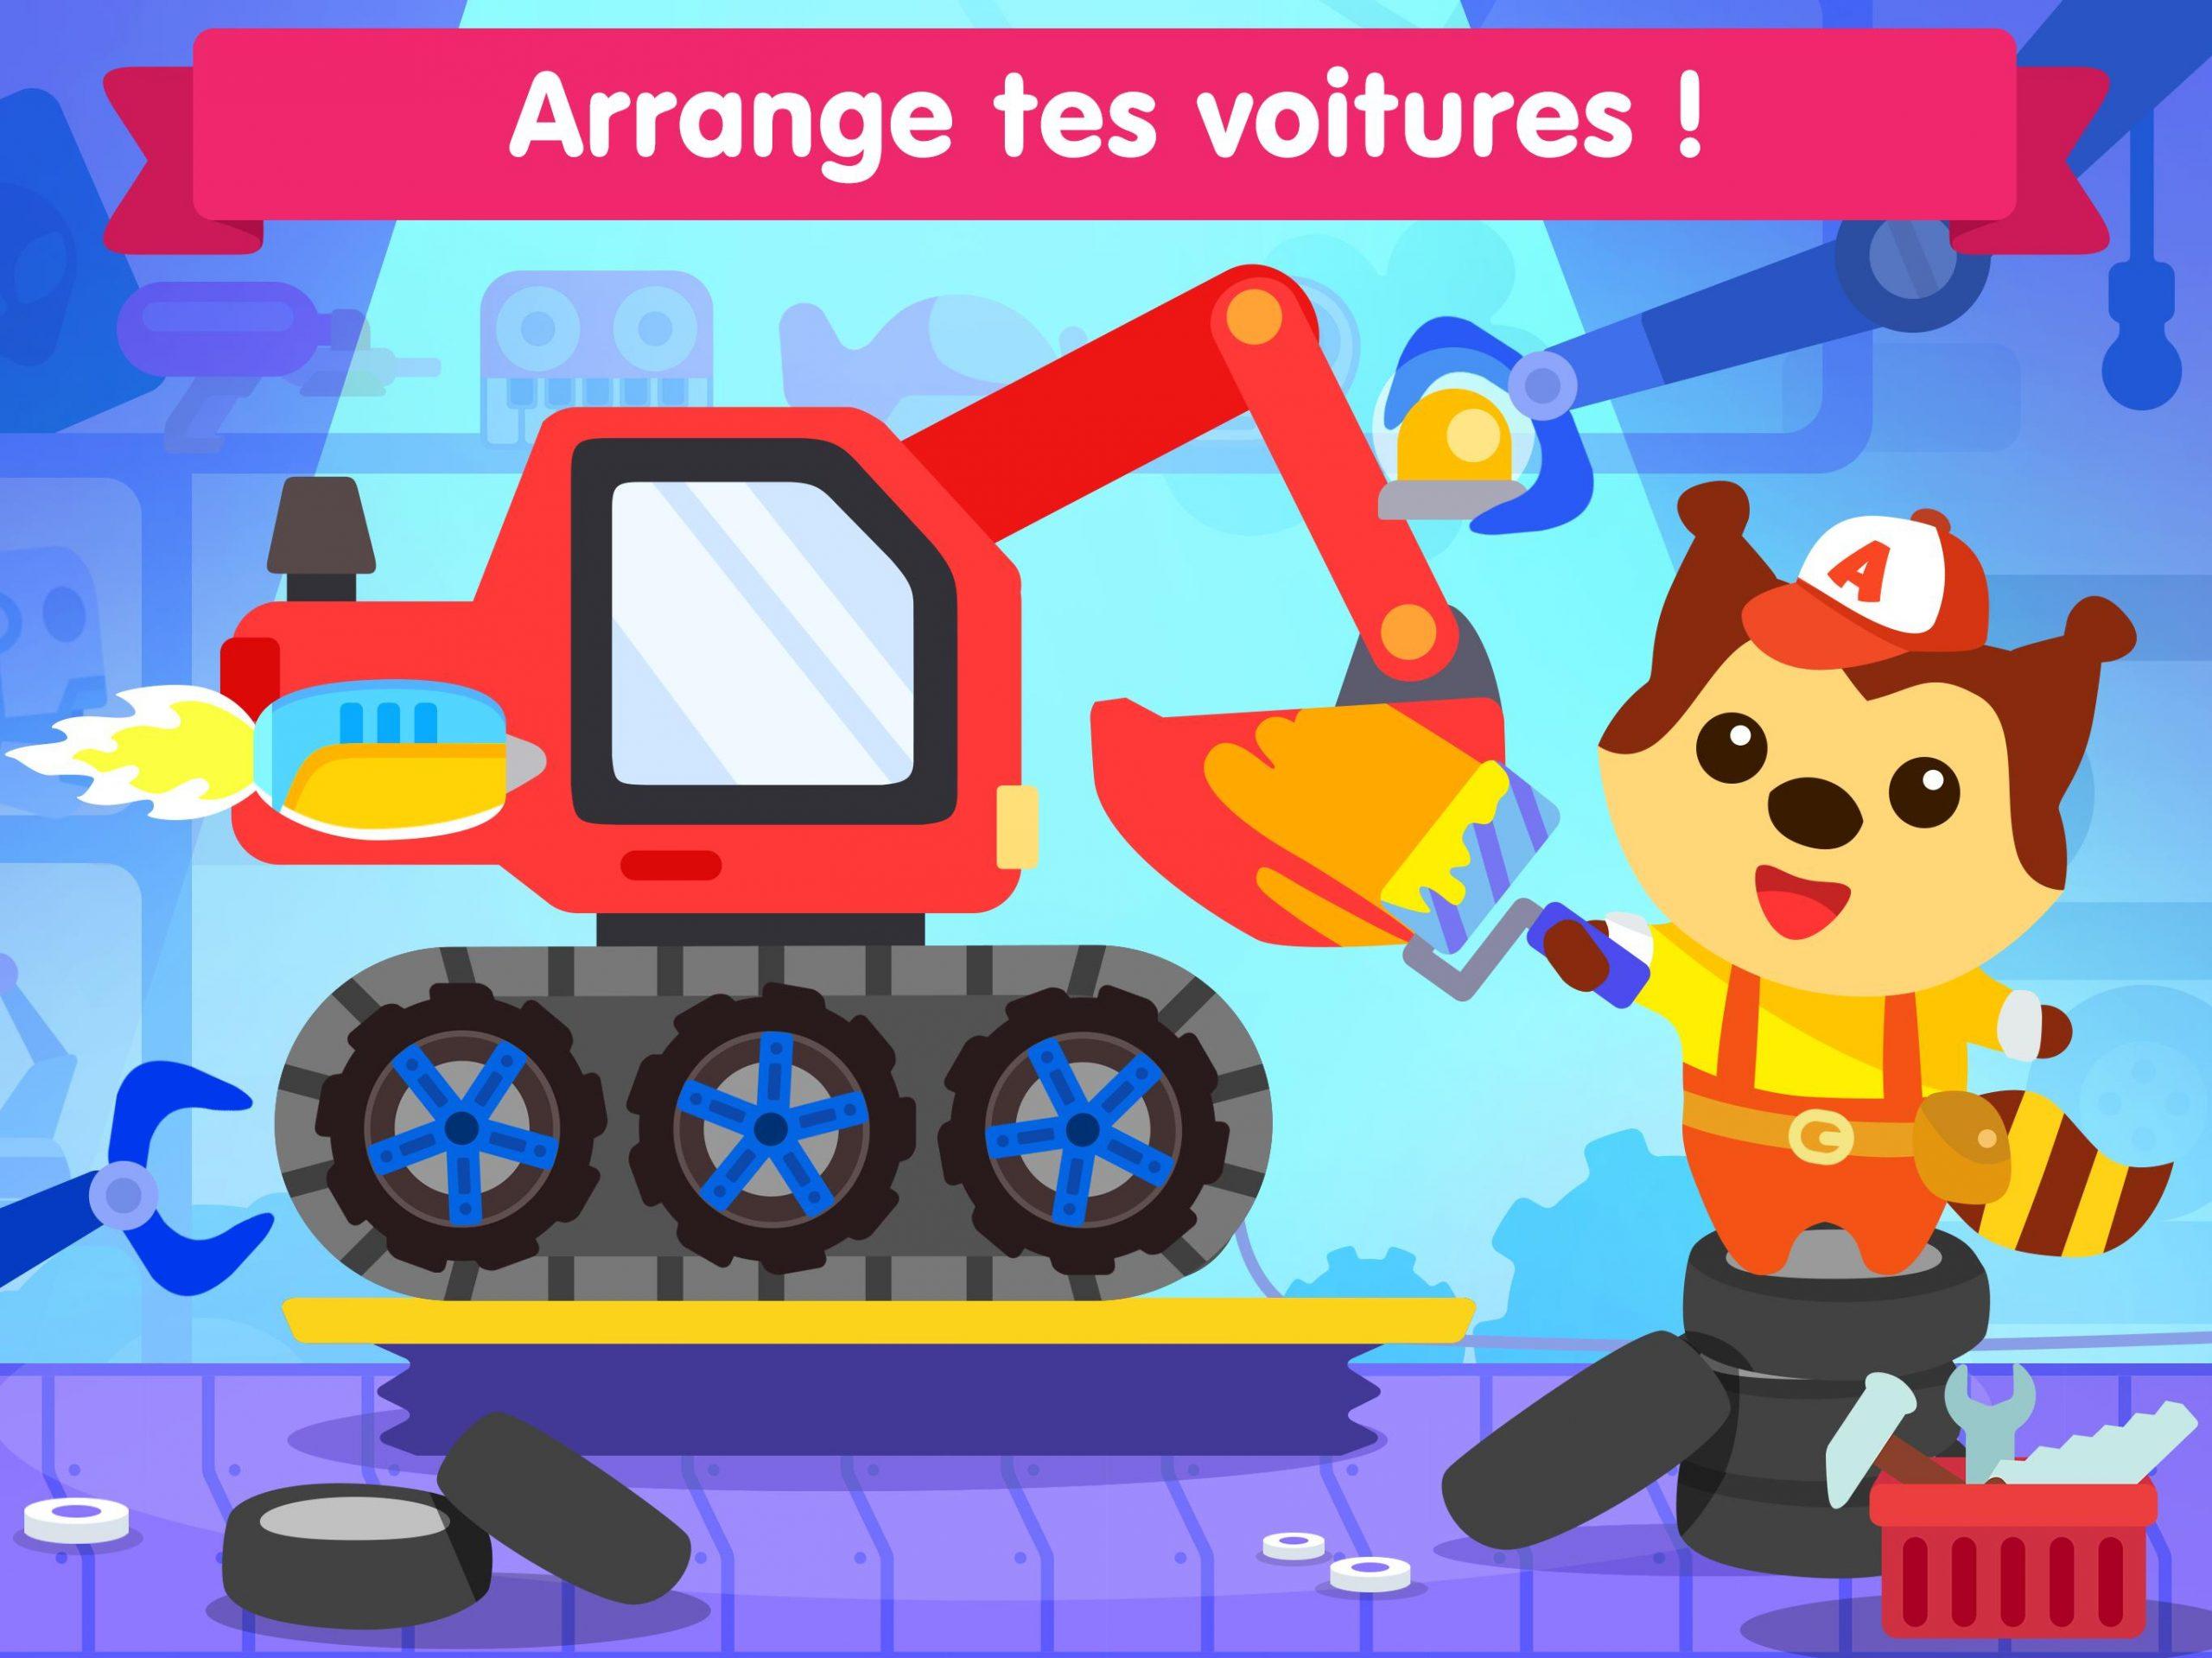 Jeu De Voiture Pour Les Bébés Et Enfants 3 Ans Pour Android intérieur Jeux Gratuit 3 Ans